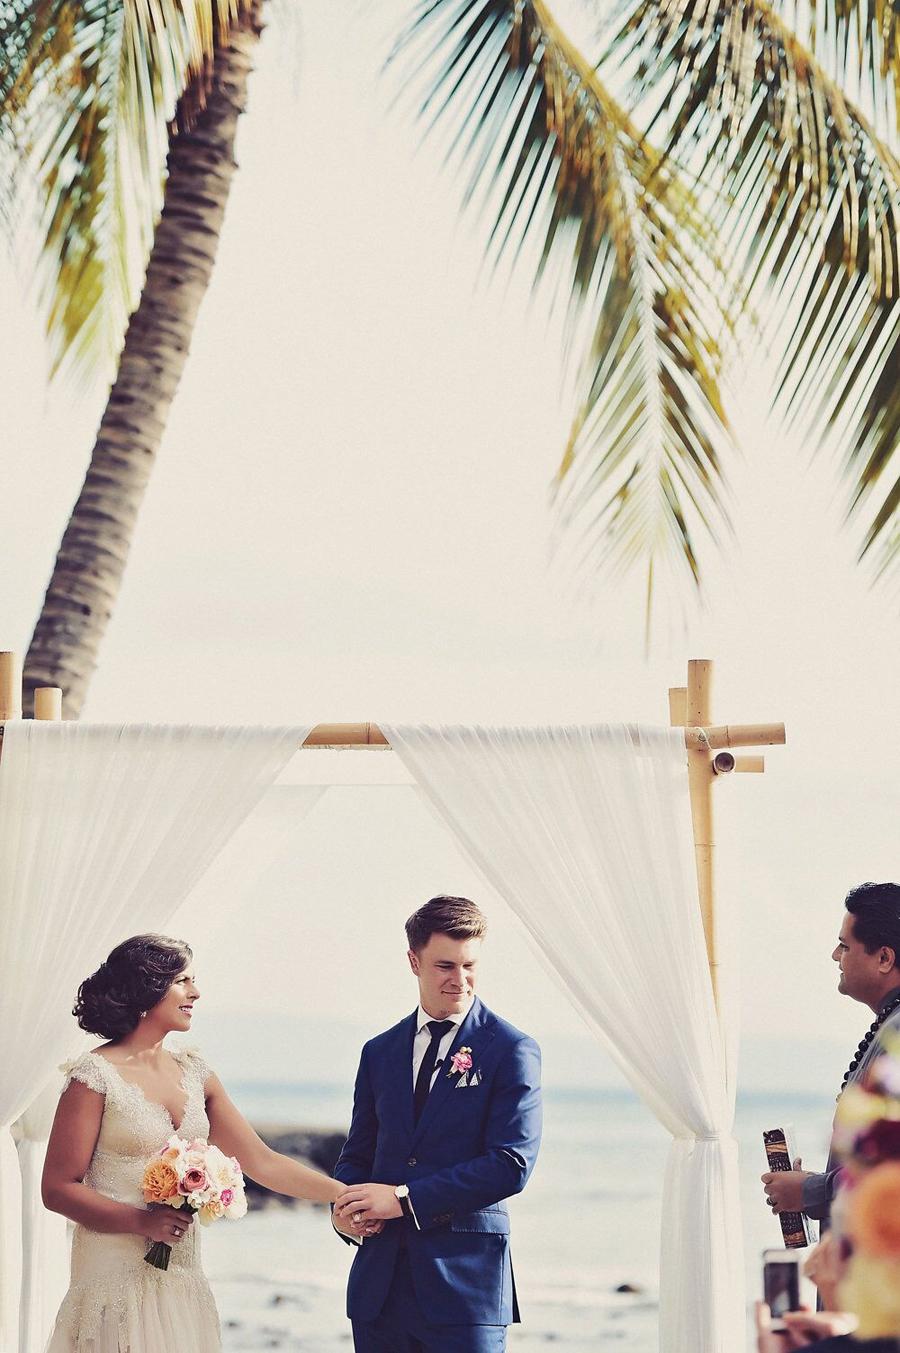 Wedding, Wedding Day, Ceremony, Bride, Groom, Bride and Groom